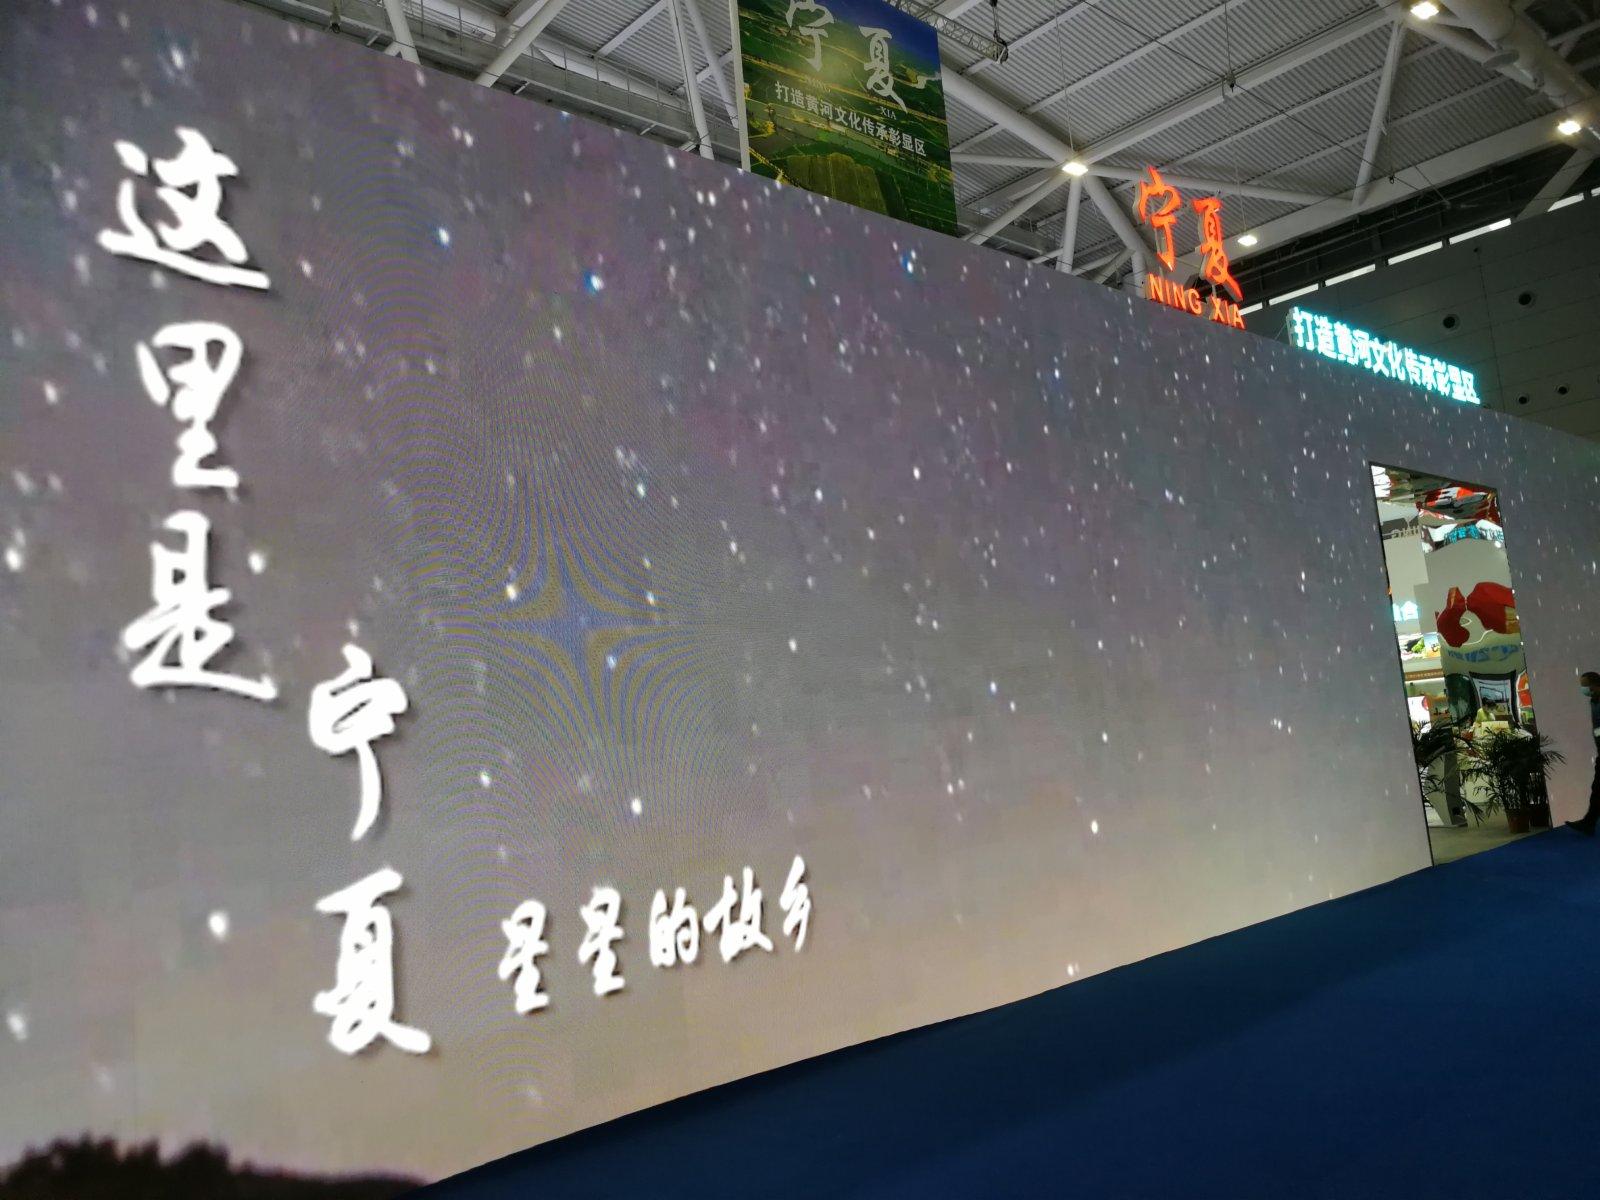 寧夏館以滿天繁星為背景,告訴觀眾這裡是星星的故鄉(記者毛麗娟)